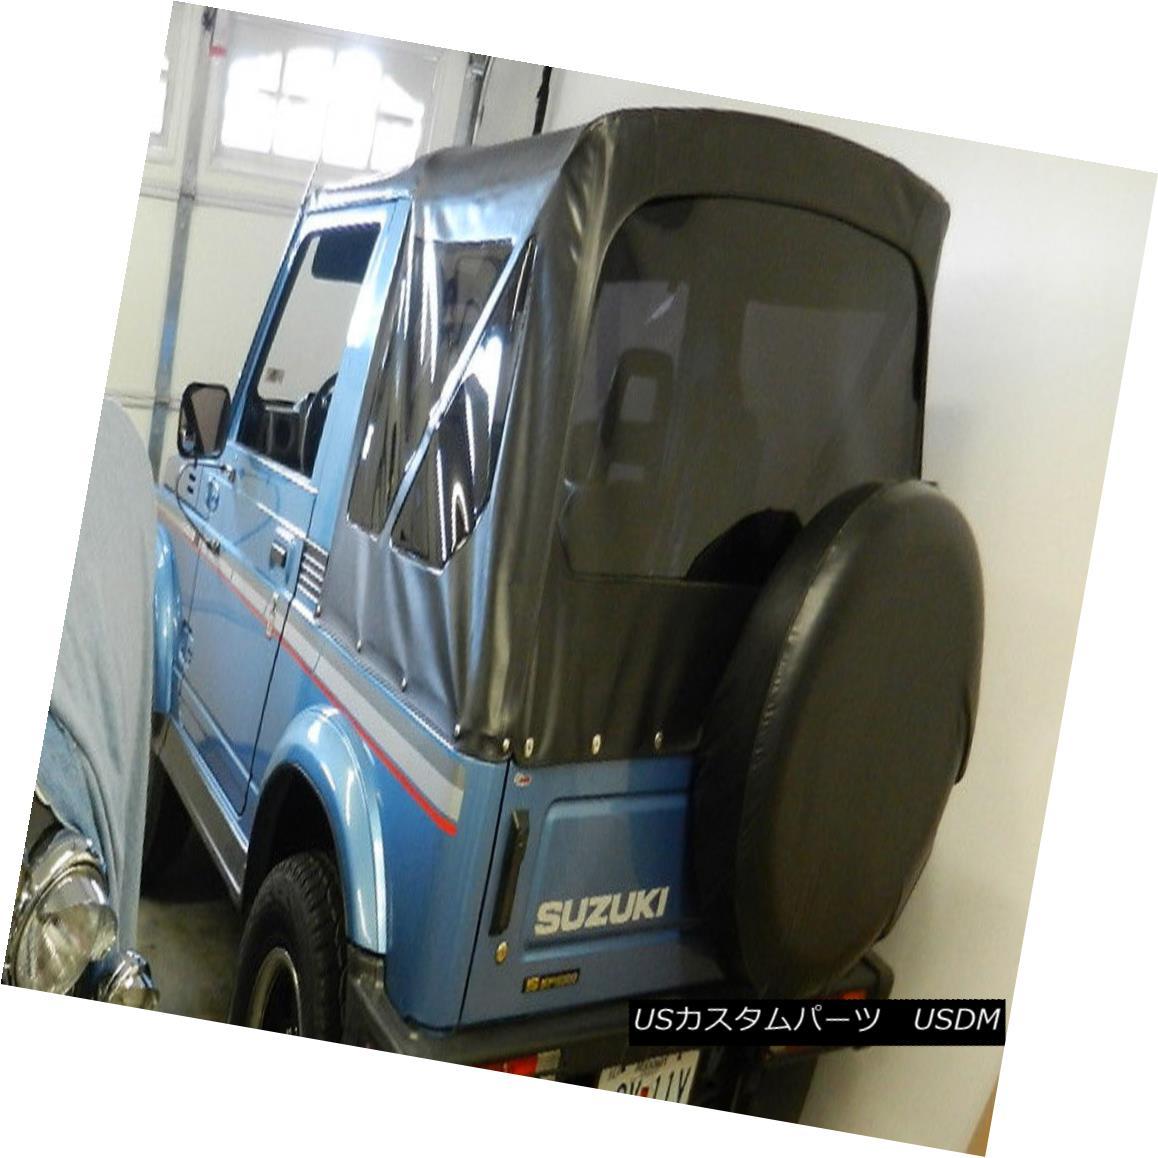 幌・ソフトトップ 1983-1994 Suzuki Samurai Replacement Soft Top with Tinted Rear Windows - Black 1983-1994 Suzuki Samurai交換用ソフトトップ(チント付きリアウィンドウ付き) - ブラック